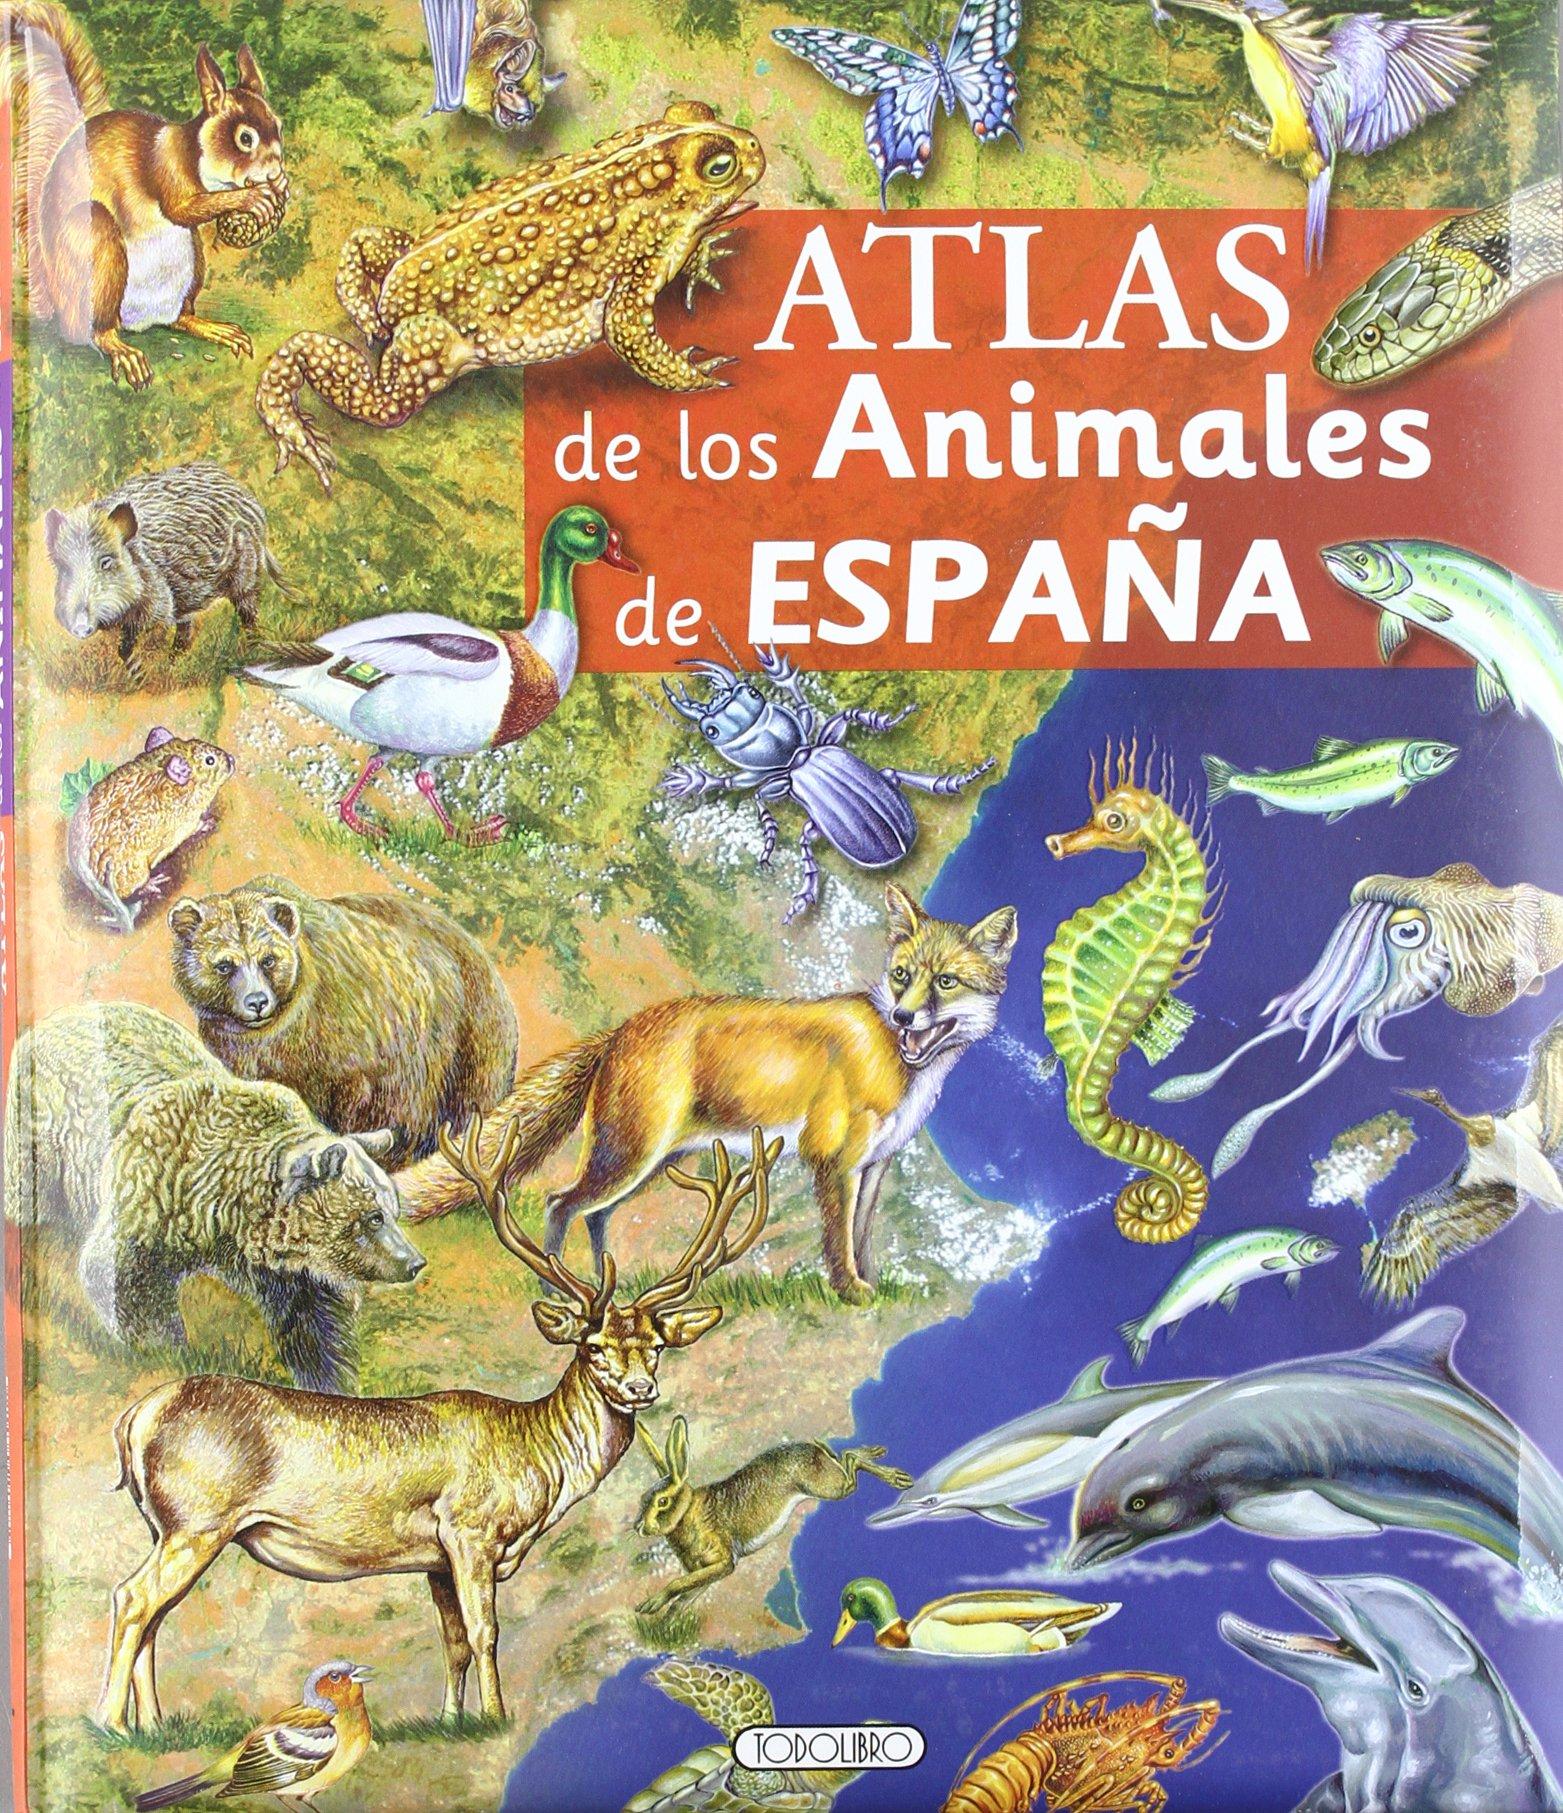 Atlas de animales de España (Cosas de niños): Amazon.es: Todolibro ...